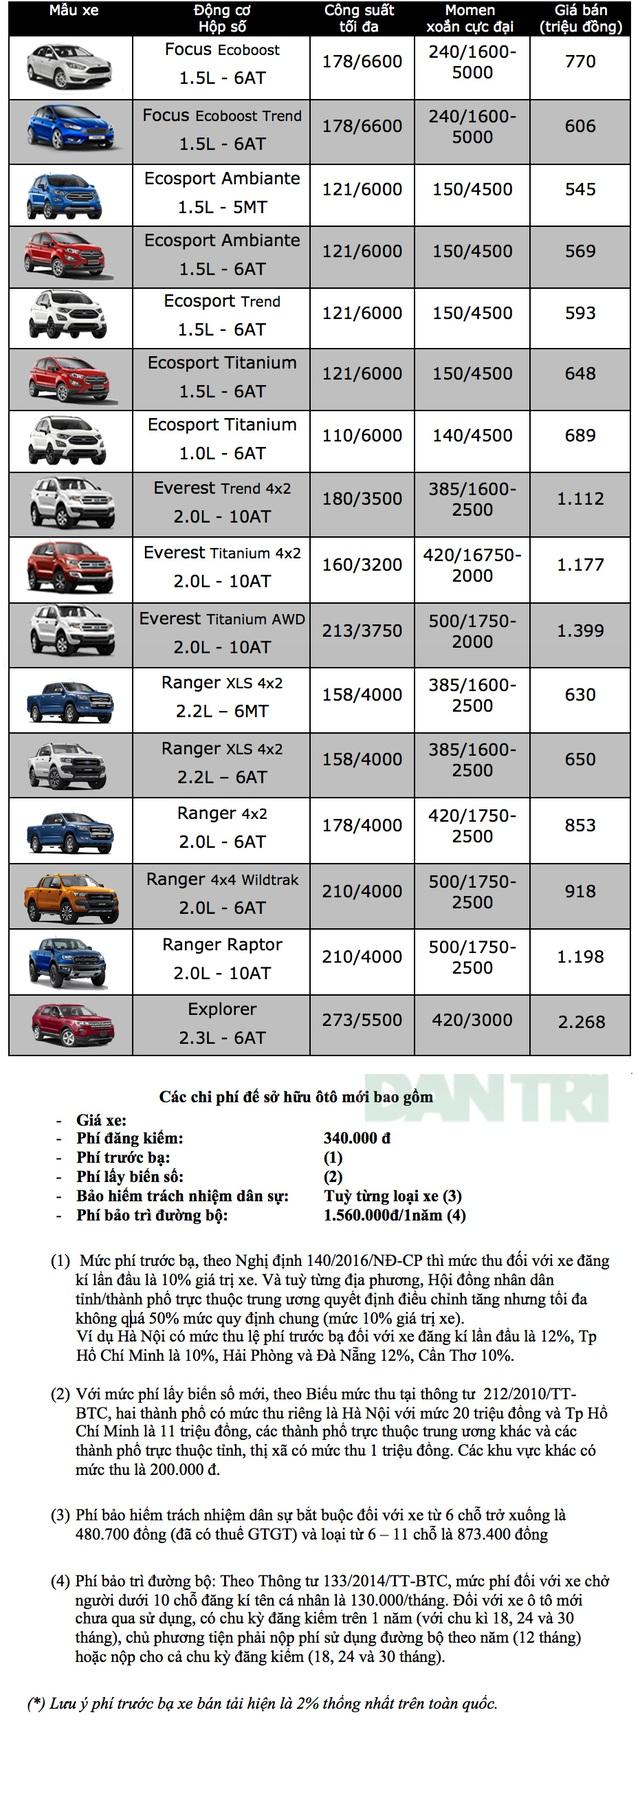 giá bán ford tháng 2/2019